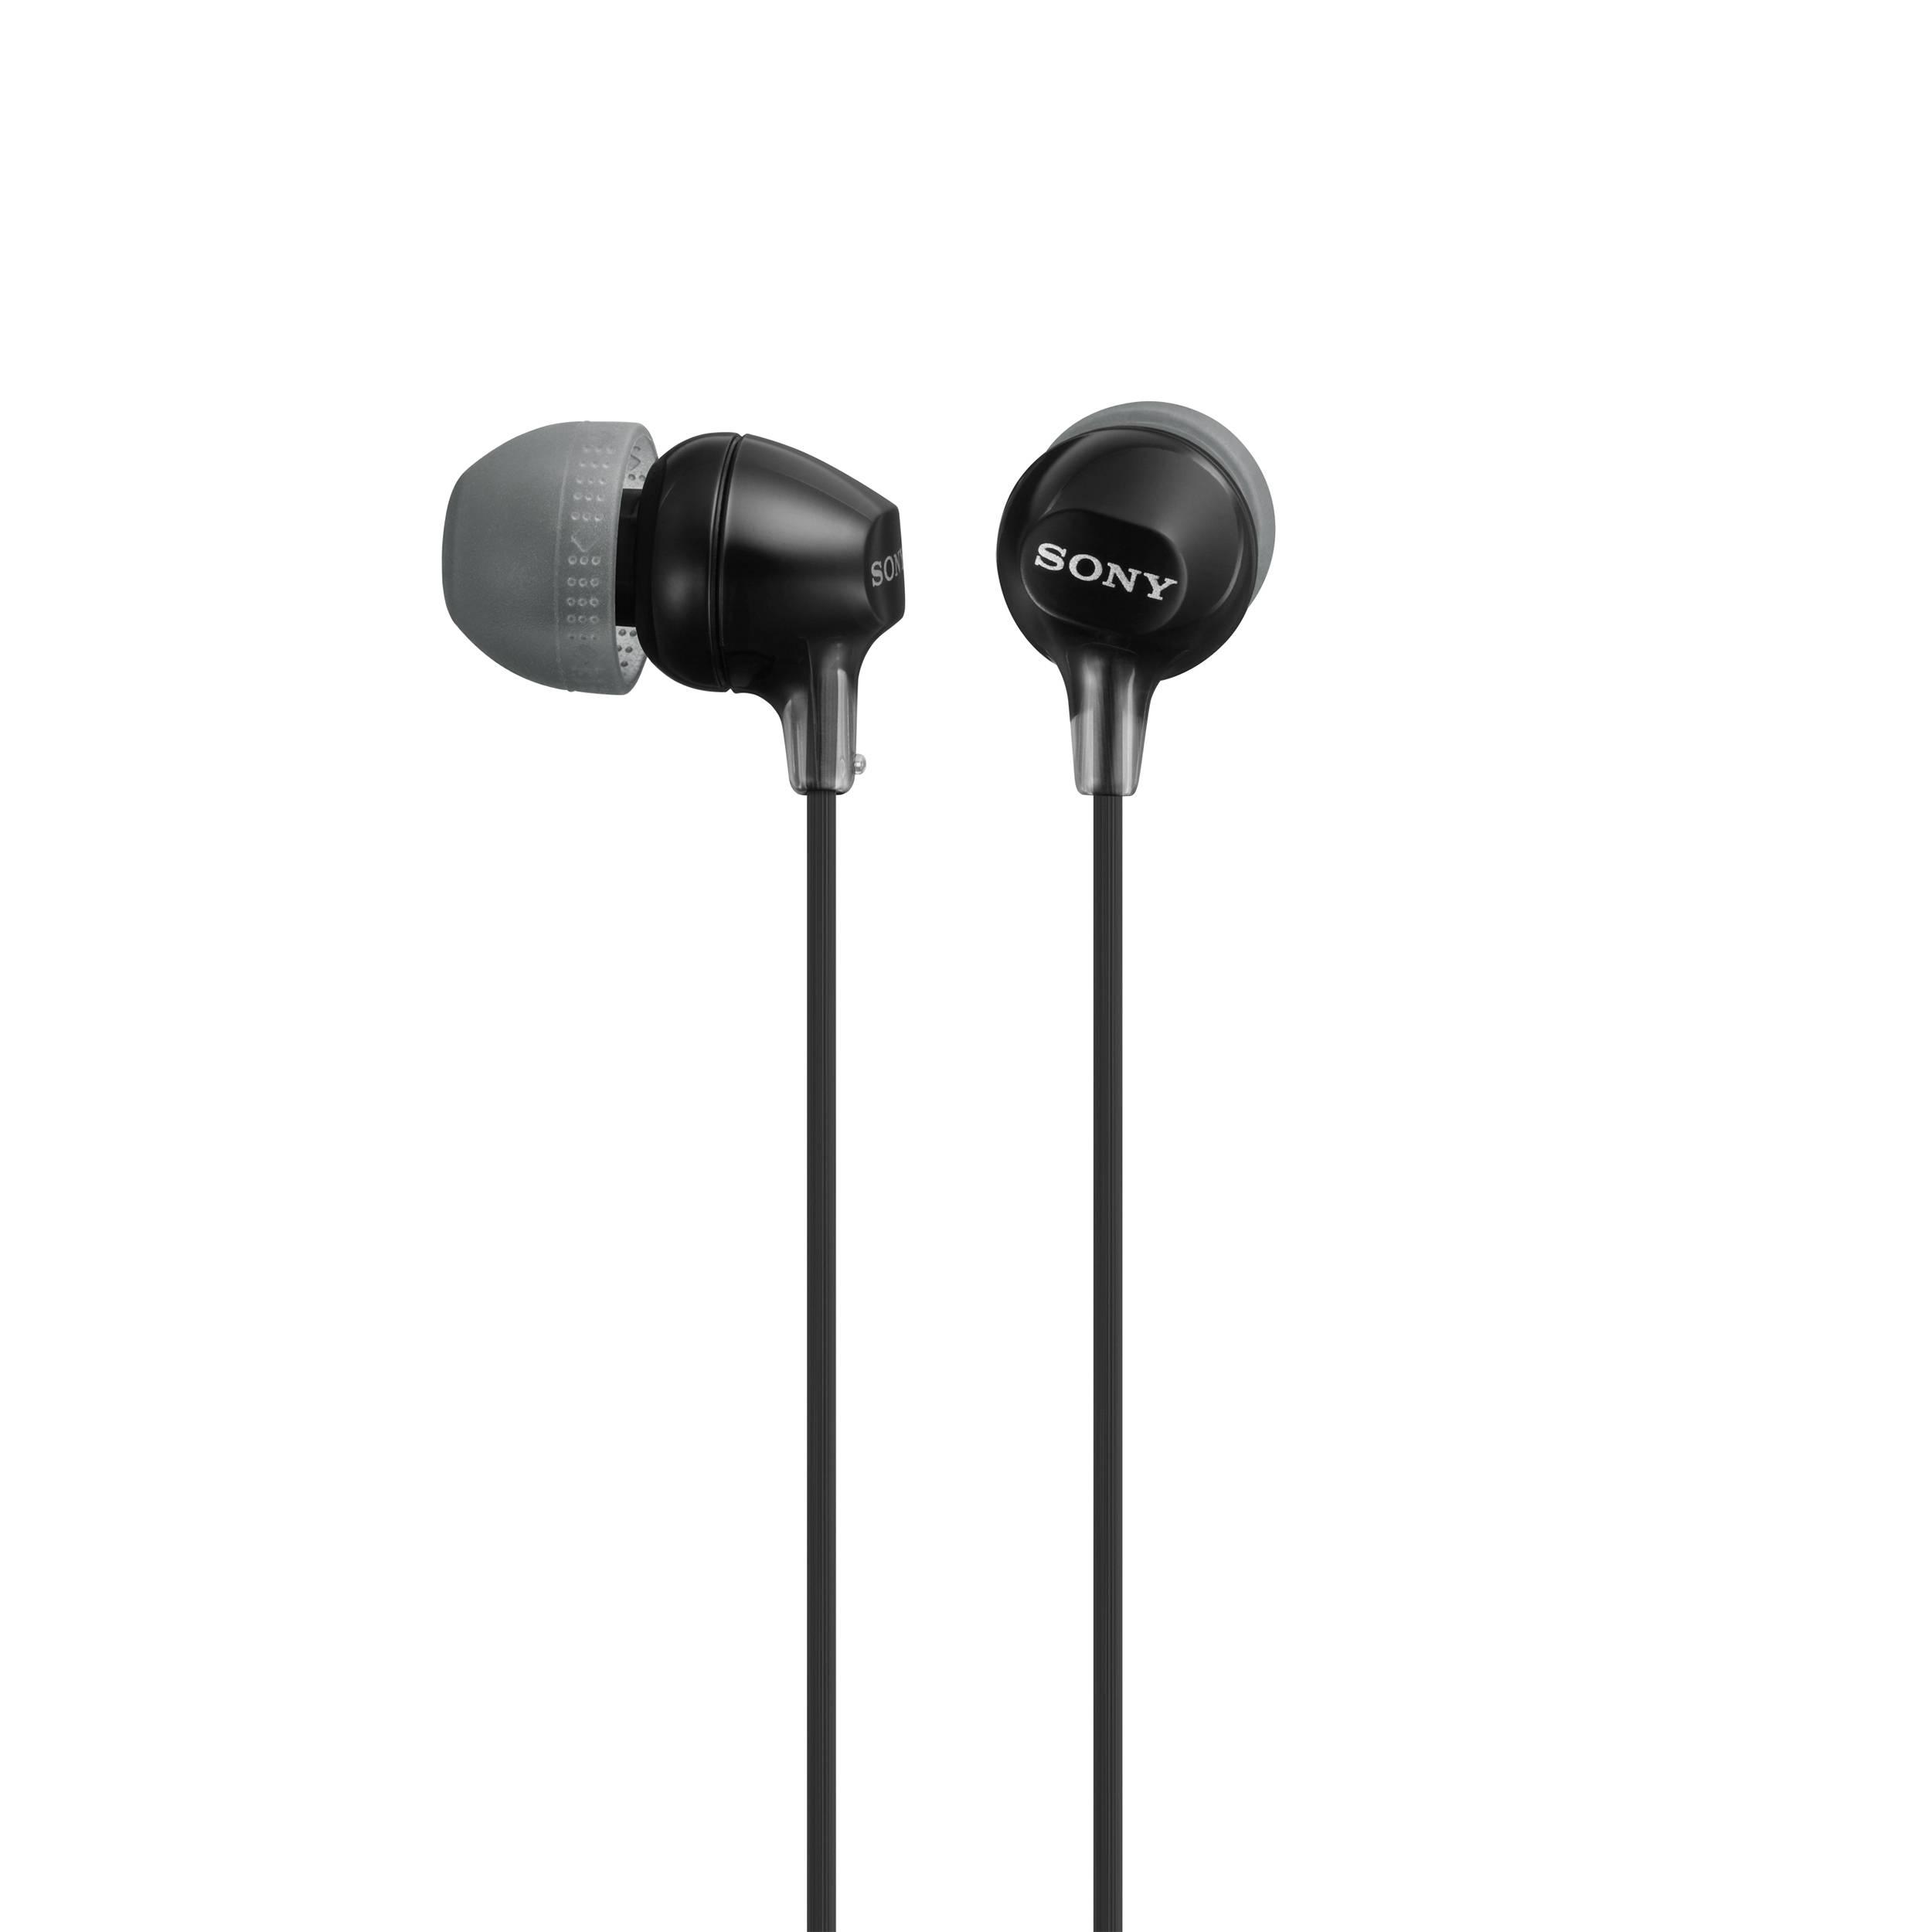 Наушники Sony MDR-EX15LP/B BlackНаушники и гарнитуры<br>Sony MDR-EX15LP/B Black: внешняя строгость и качественное звучание.<br>Те, кто любит классику, почти всегда выбирают традиционный черный цвет и простые формы. Это вполне объяснимо, ведь многие считают, что фирменная аудиотехника должна отличаться внешней скромностью, но при этом обладать качественными звуковыми характеристиками.<br>Наушники Sony MDR-EX15LP/B Black именно таковы: скромные и строгие на вид и, при этом, обладающие отменными звуковыми возможностями. Частотный диапазон — 8-22000 Гц, чувствительность — 100 дБ, импеданс — 16 Ом. Вы и сами поймете, насколько это ...<br><br>Тип: наушники<br>Тип акустического оформления: Закрытые<br>Вид наушников: Вкладыши<br>Тип подключения: Проводные<br>Номинальная мощность мВт: 100<br>Диапазон воспроизводимых частот, Гц: 8 - 22000<br>Сопротивление, Импеданс: 16<br>Чувствительность дБ: 100